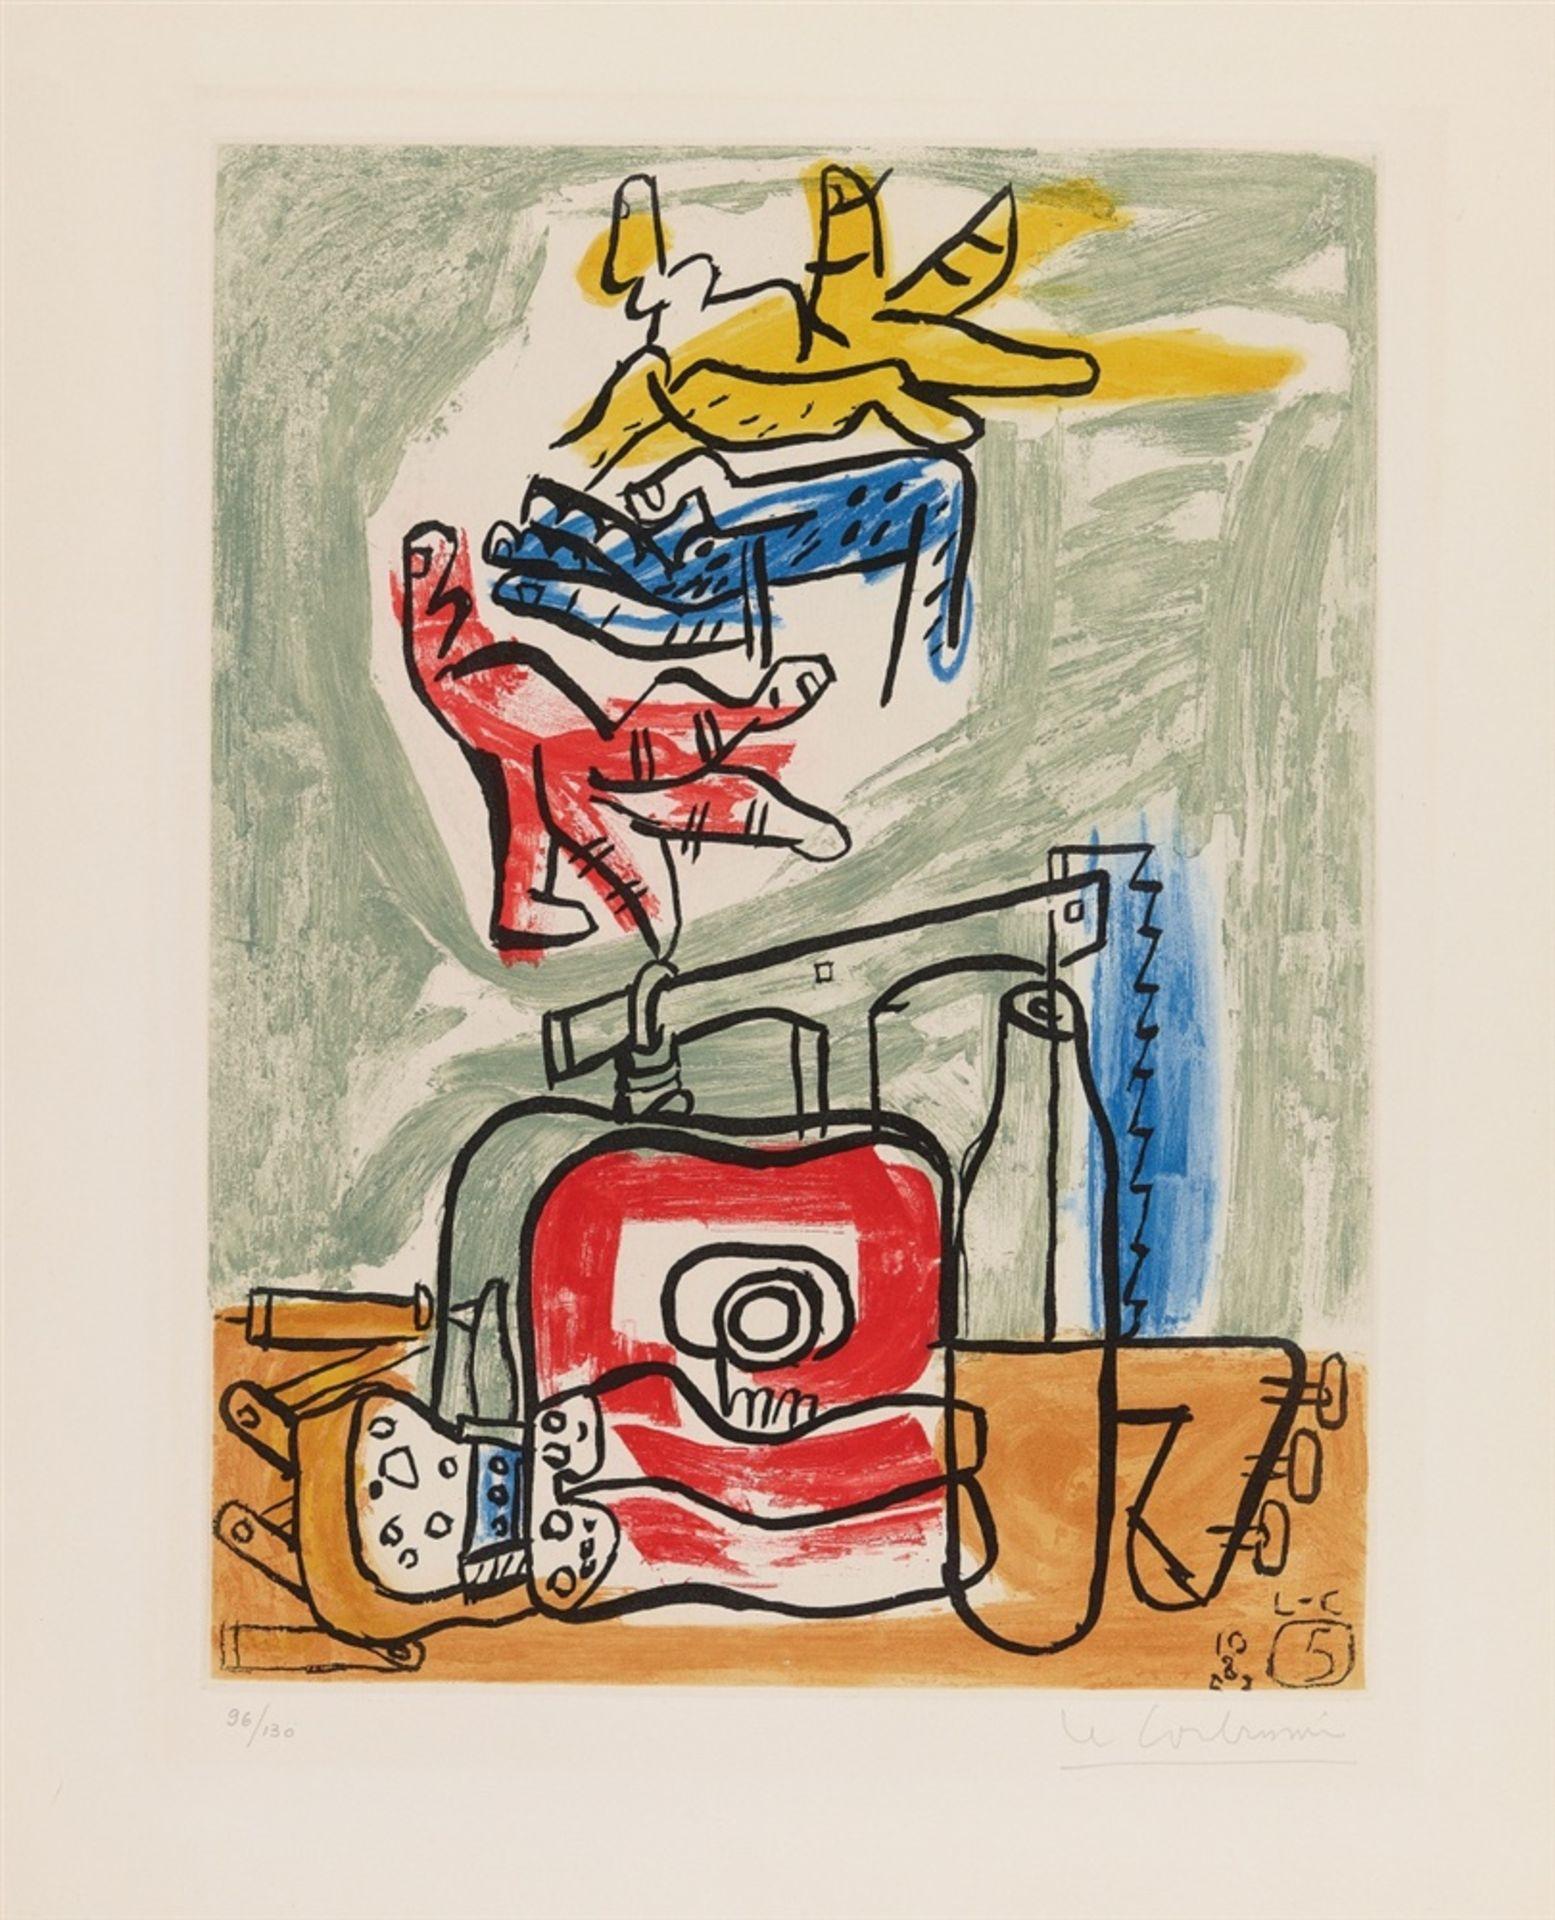 Le Corbusier (Charles-Édouard Jeanneret)Unité - Bild 5 aus 27